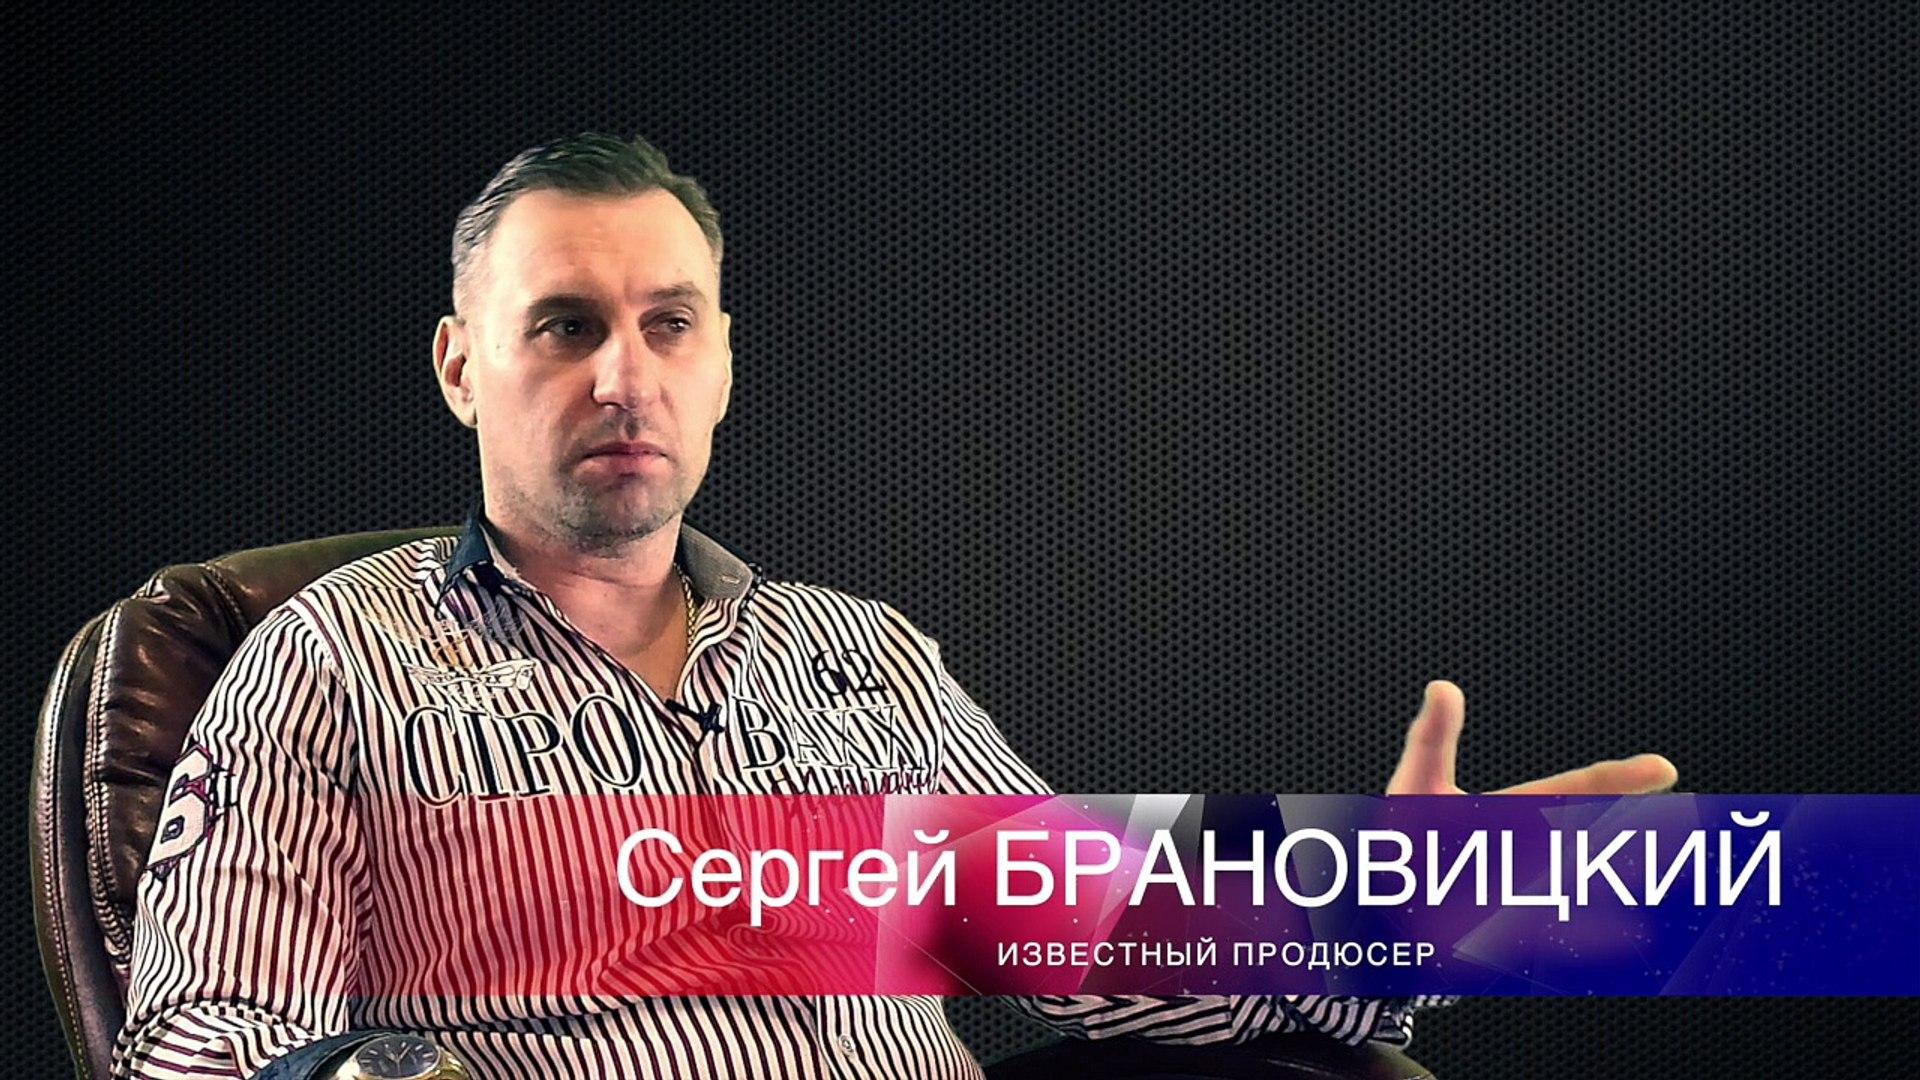 Сергей брановицкий феноменологическая девушка модель социальной работы